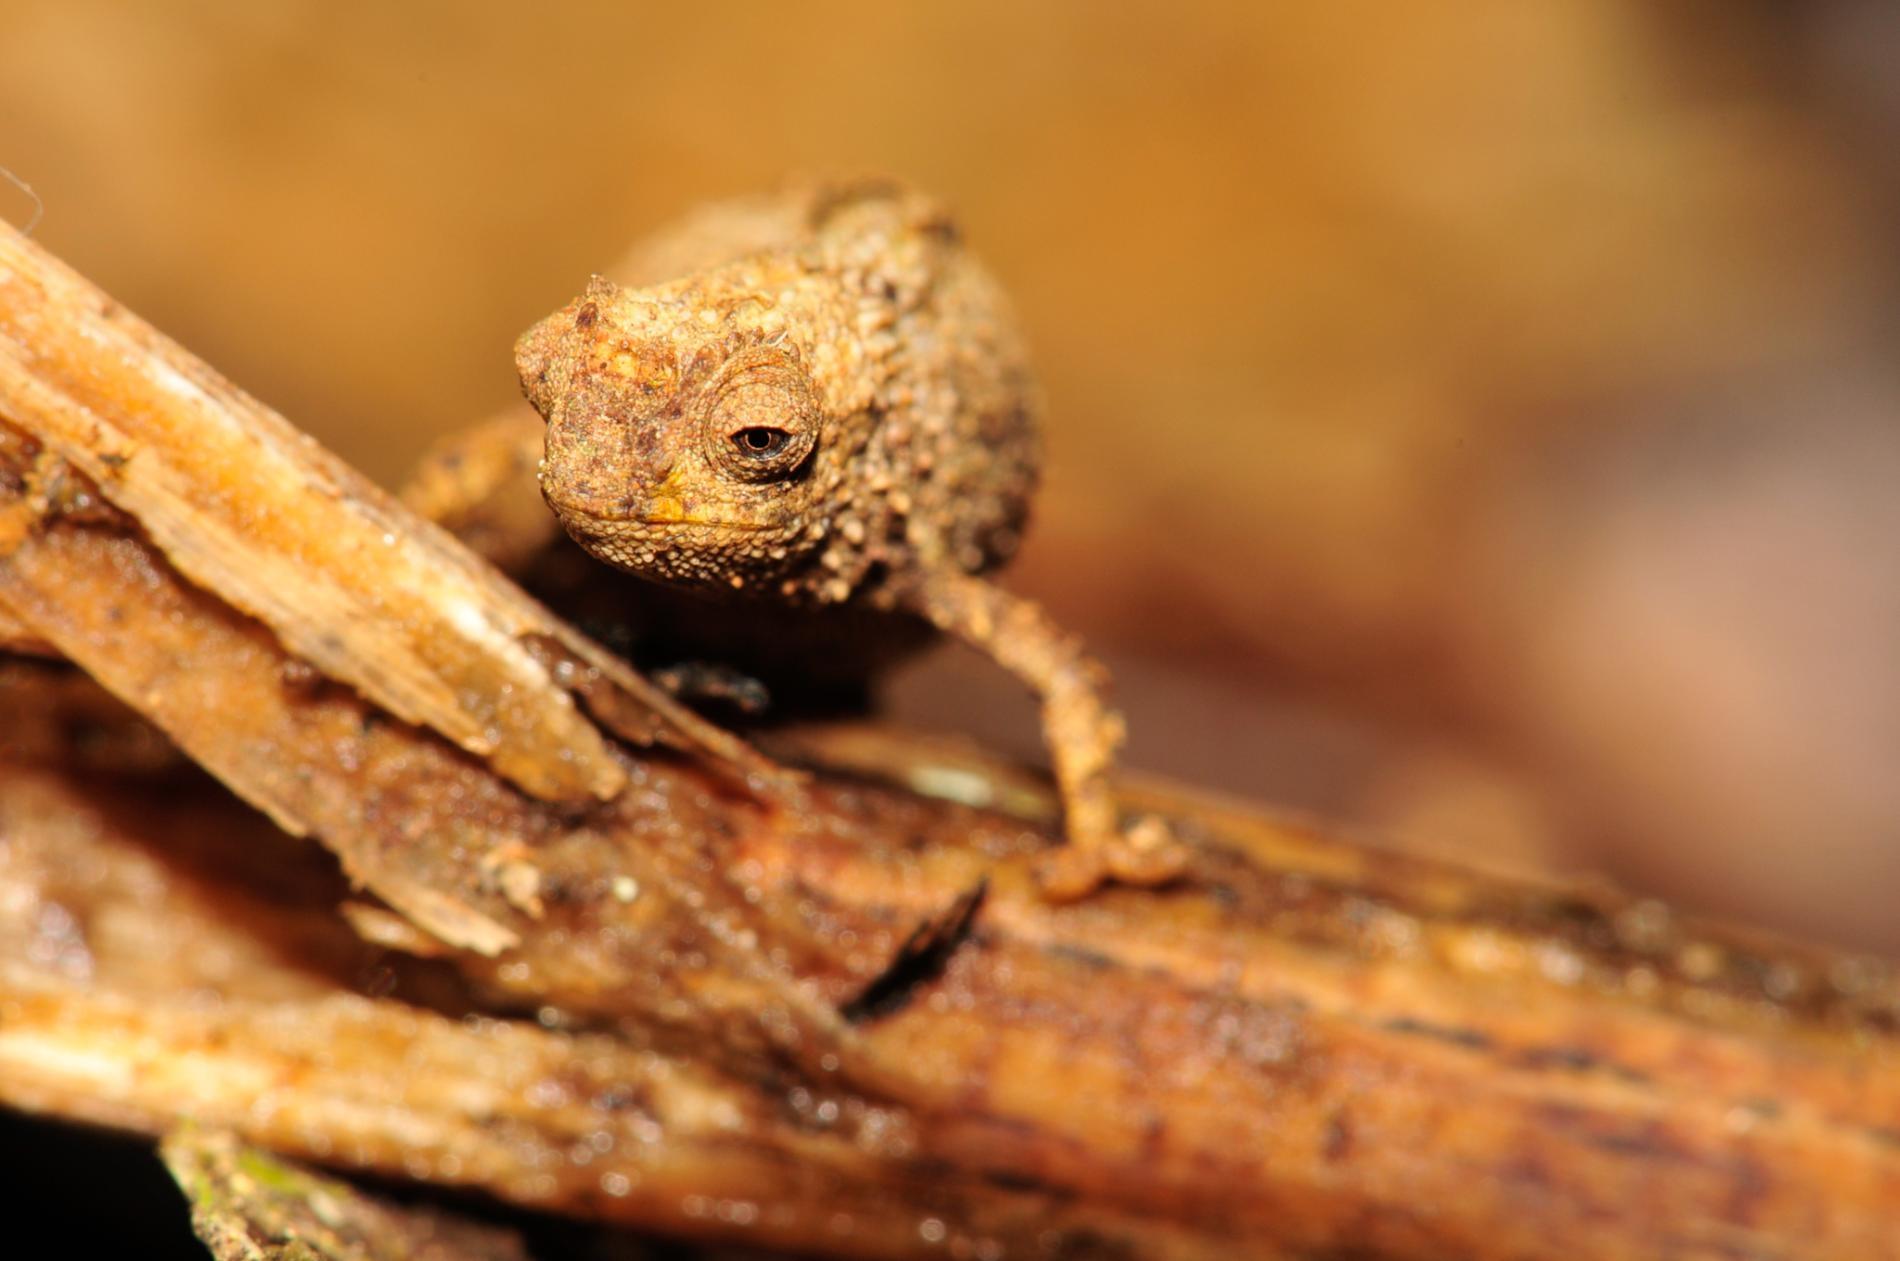 馬達加斯加新發現的奈米變色龍(<i>Brookesia nana</i>)可能是世界上最小的爬行動物。PHOTOGRAPH BY FRANK GLAW, ZOOLOGISCHE STAATSSAMMLUNG MÜNCHEN